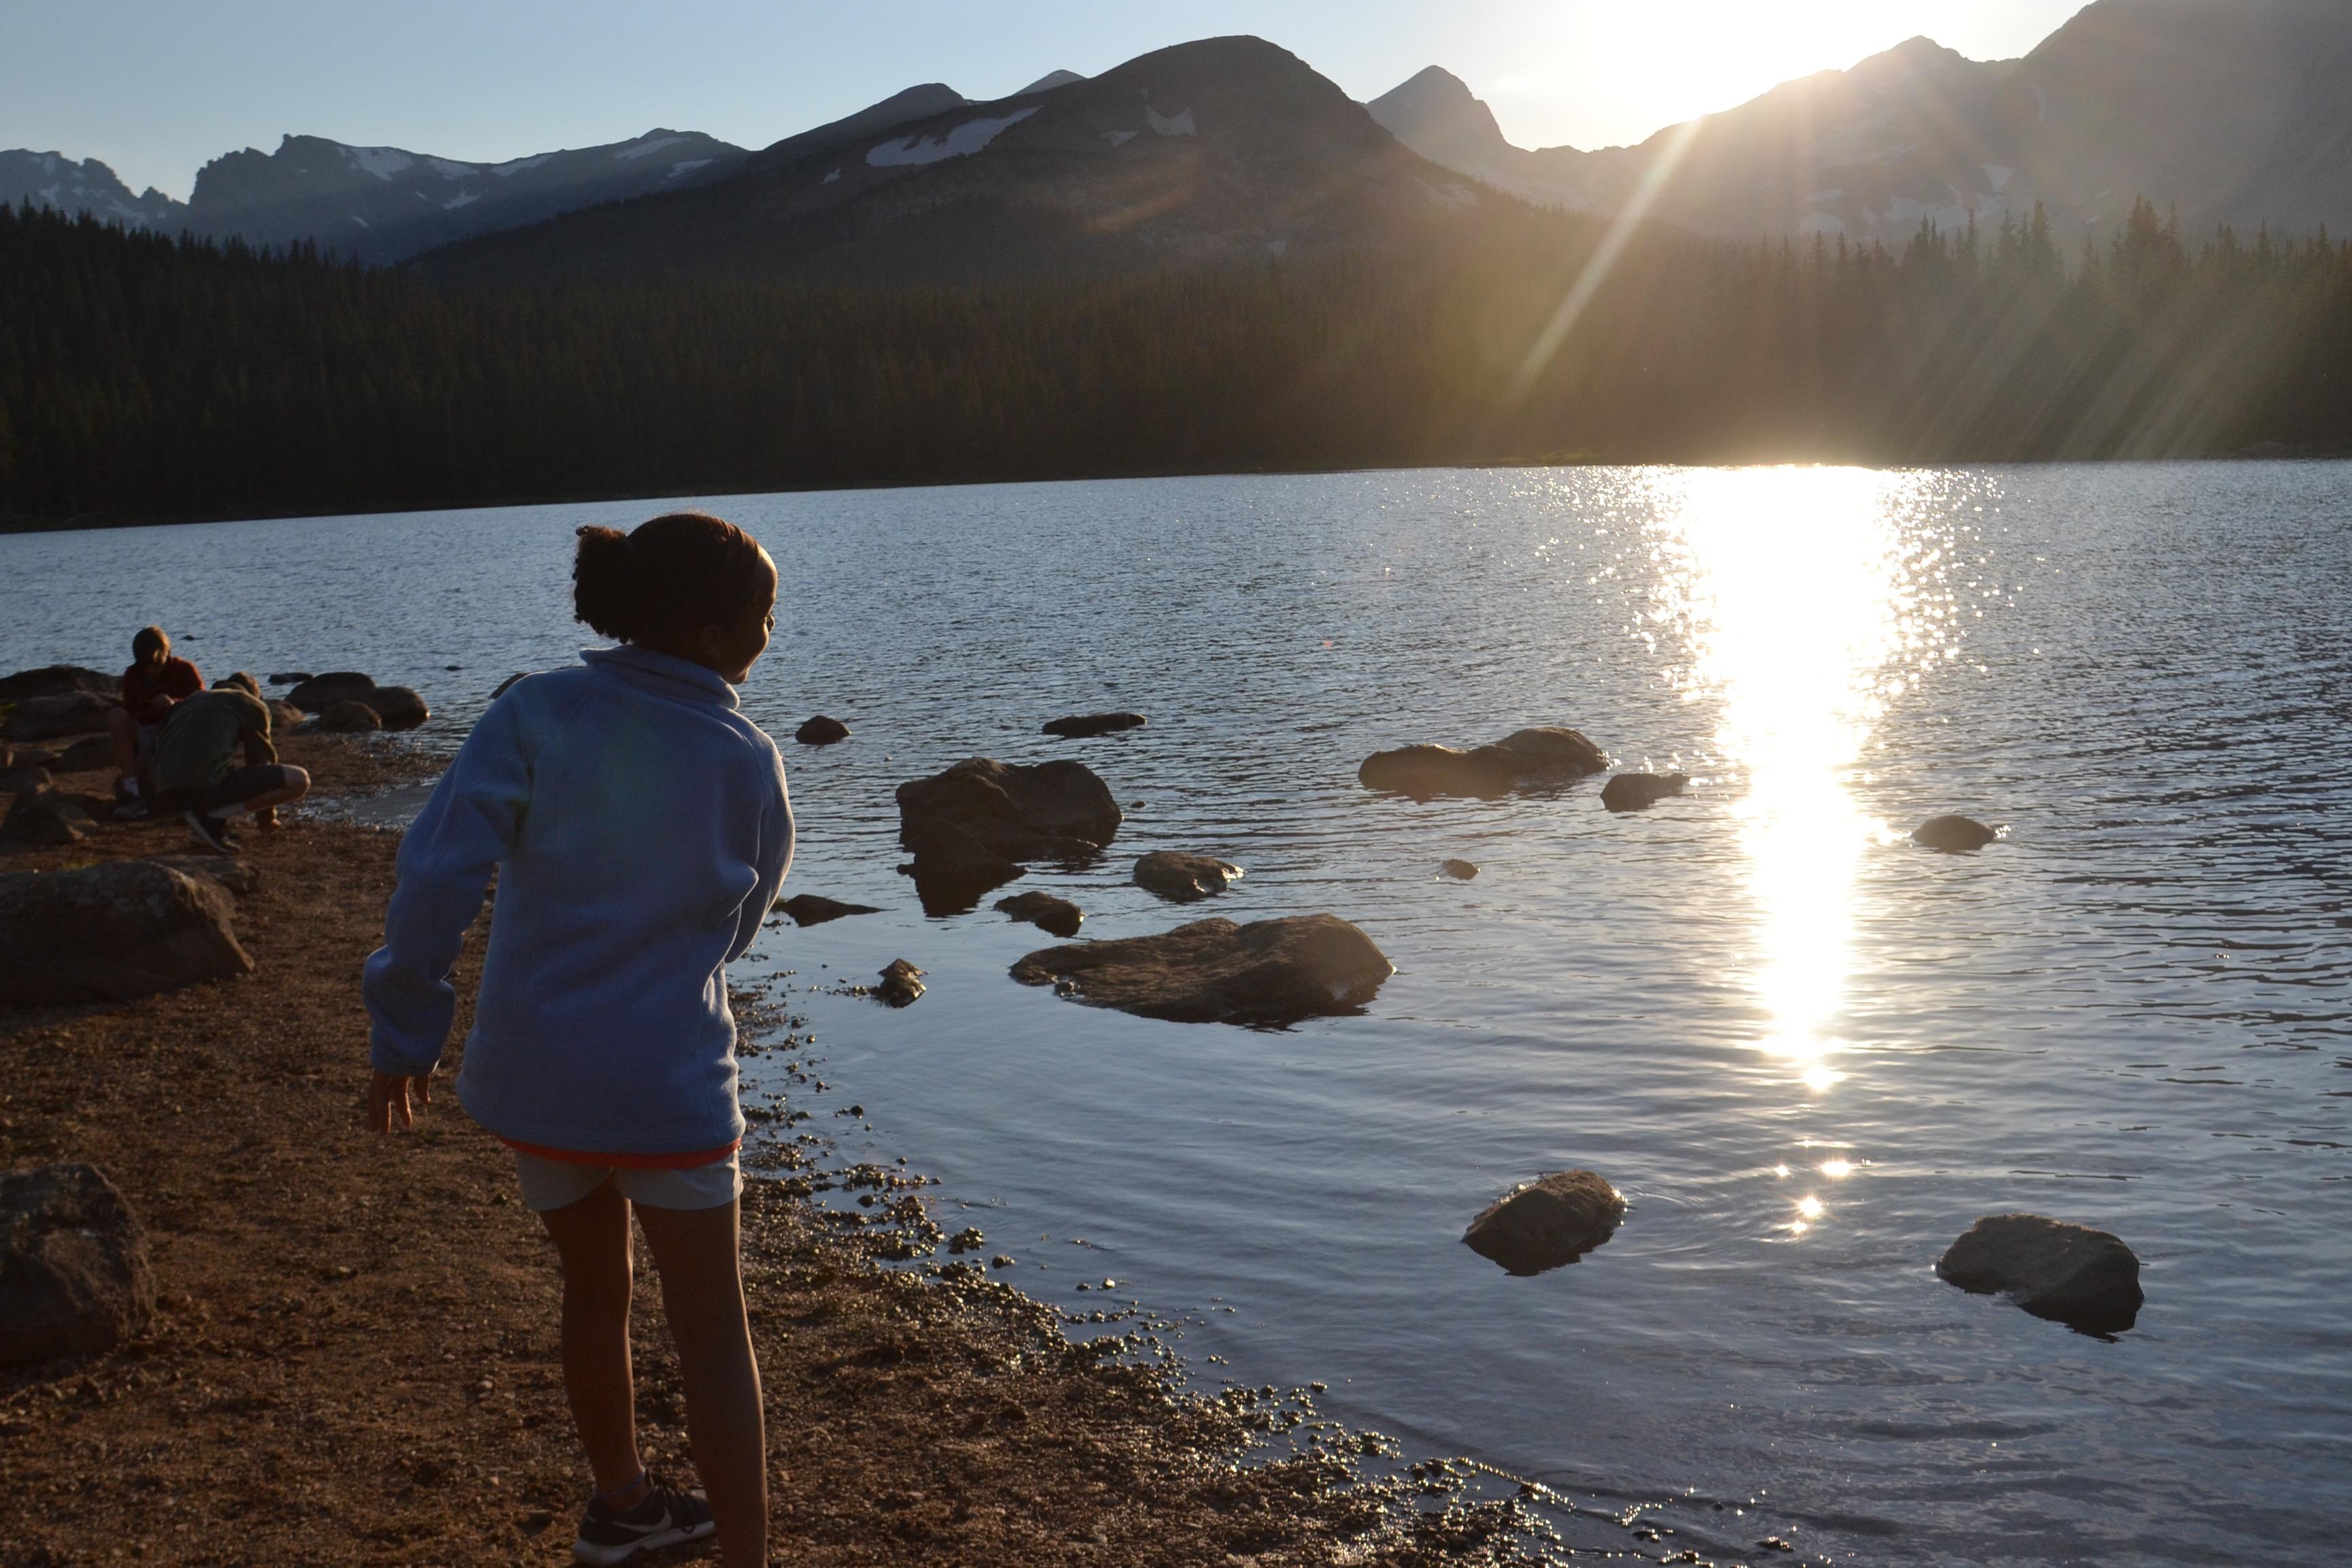 Girl playing in lake